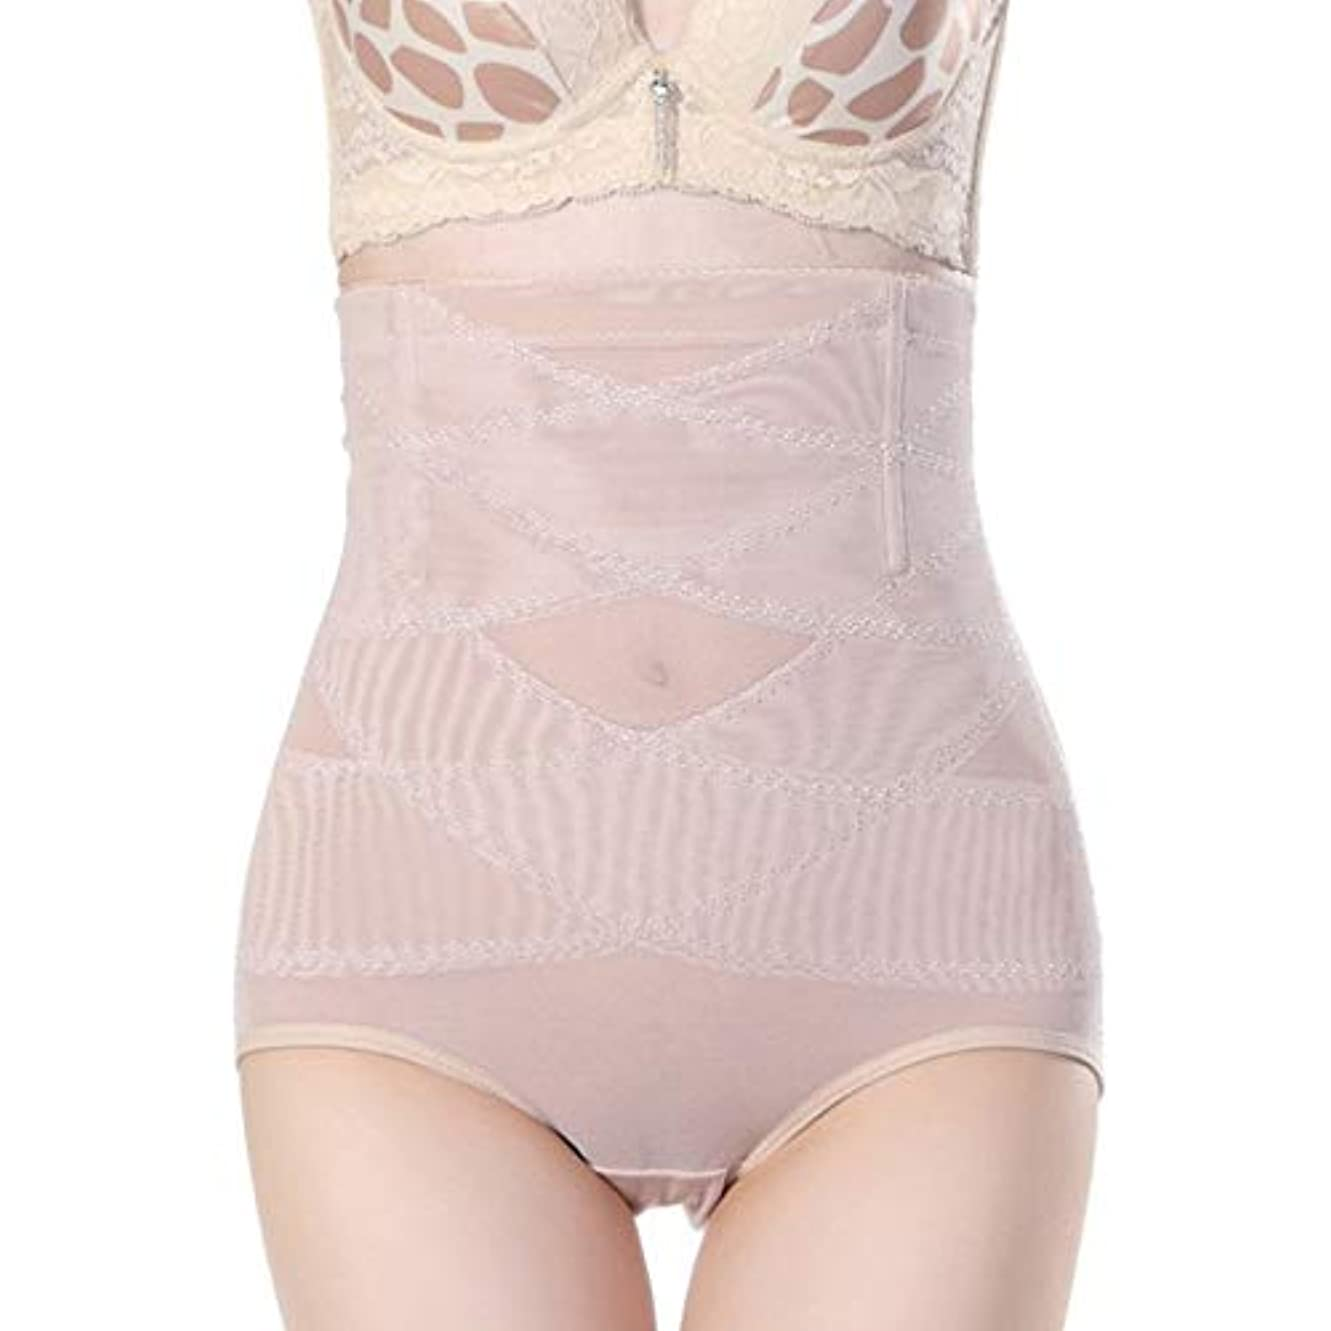 威信代表メイン腹部制御下着シームレスおなかコントロールパンティーバットリフターボディシェイパーを痩身通気性のハイウエストの女性 - 肌色2 XL